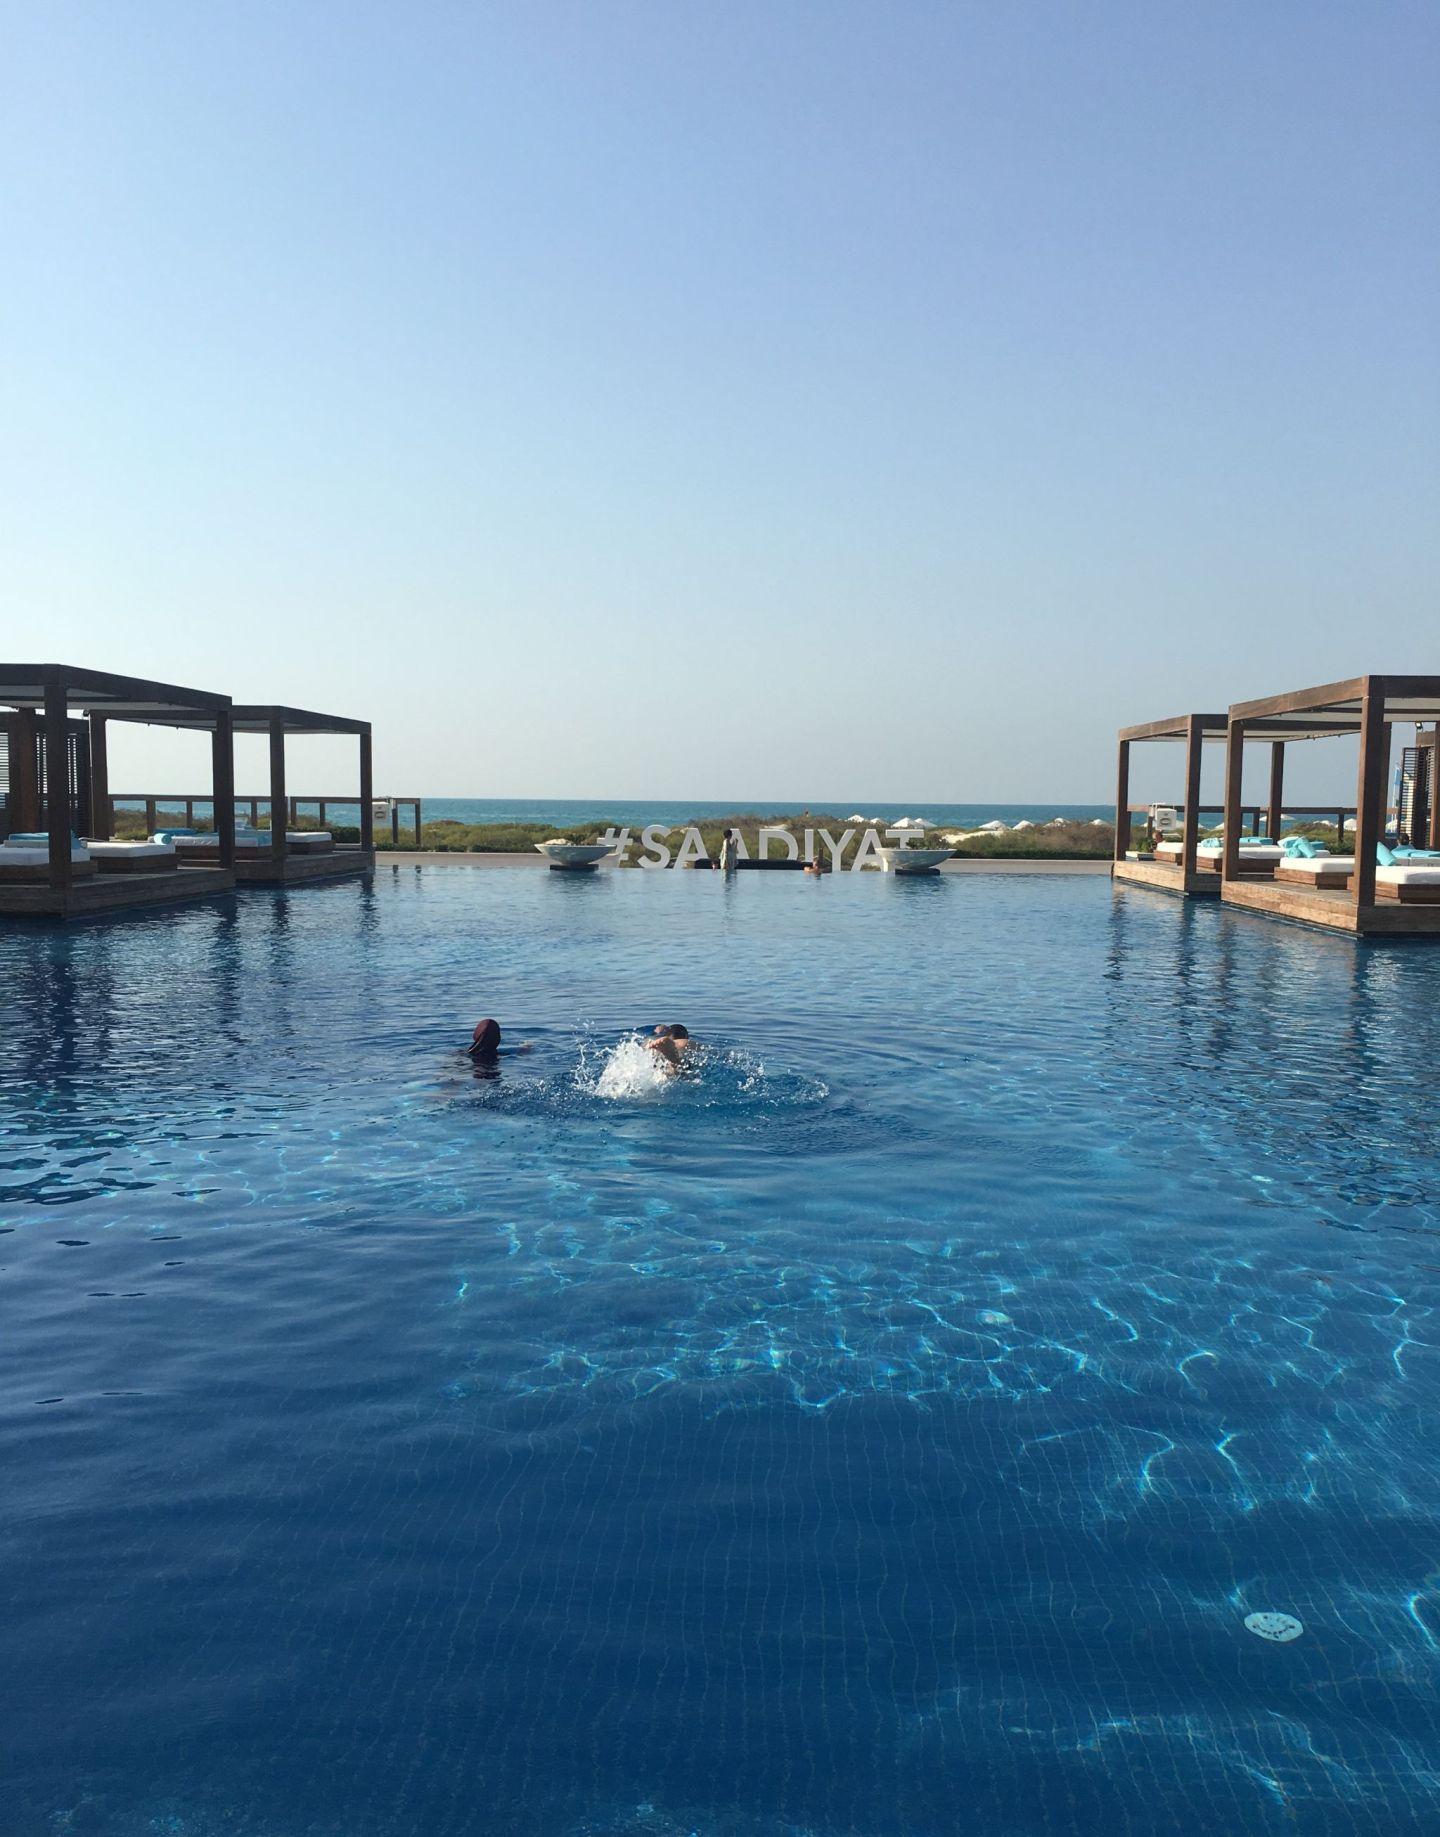 Saadiyat-Beach-Club-Abu-Dhabi